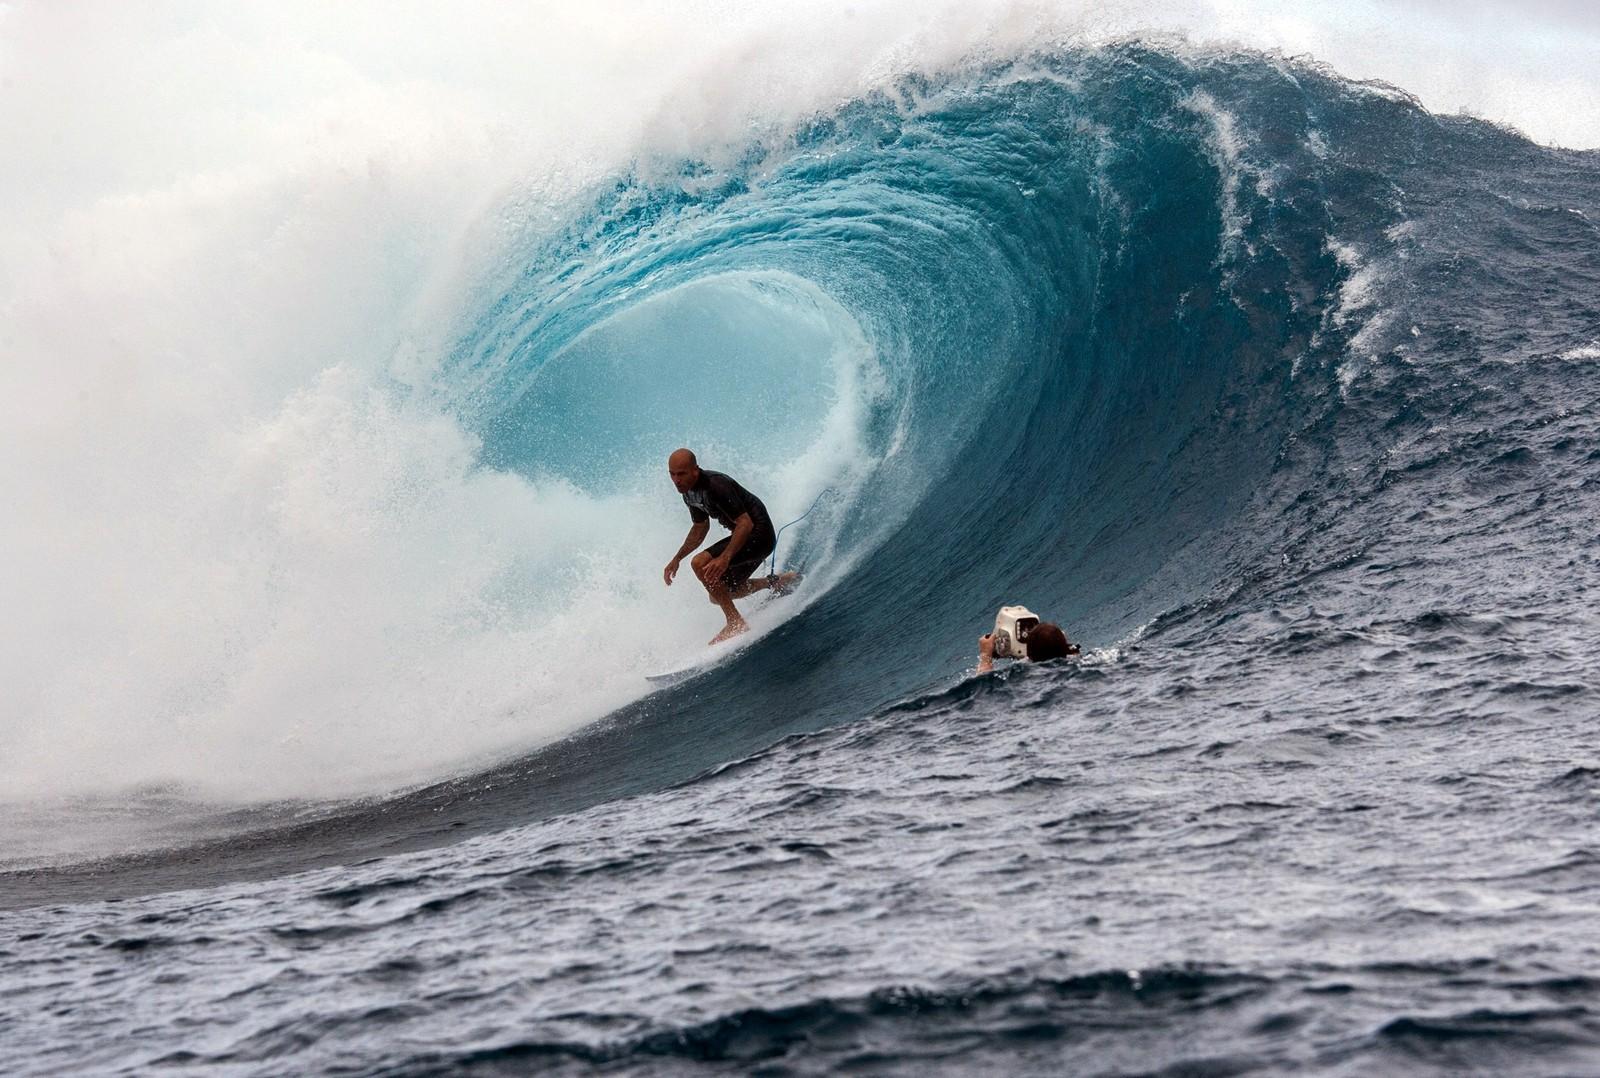 Den legendariske surferen Kelly Slater blir iaktatt av en kameramann under en konkurranse i Tahiti.